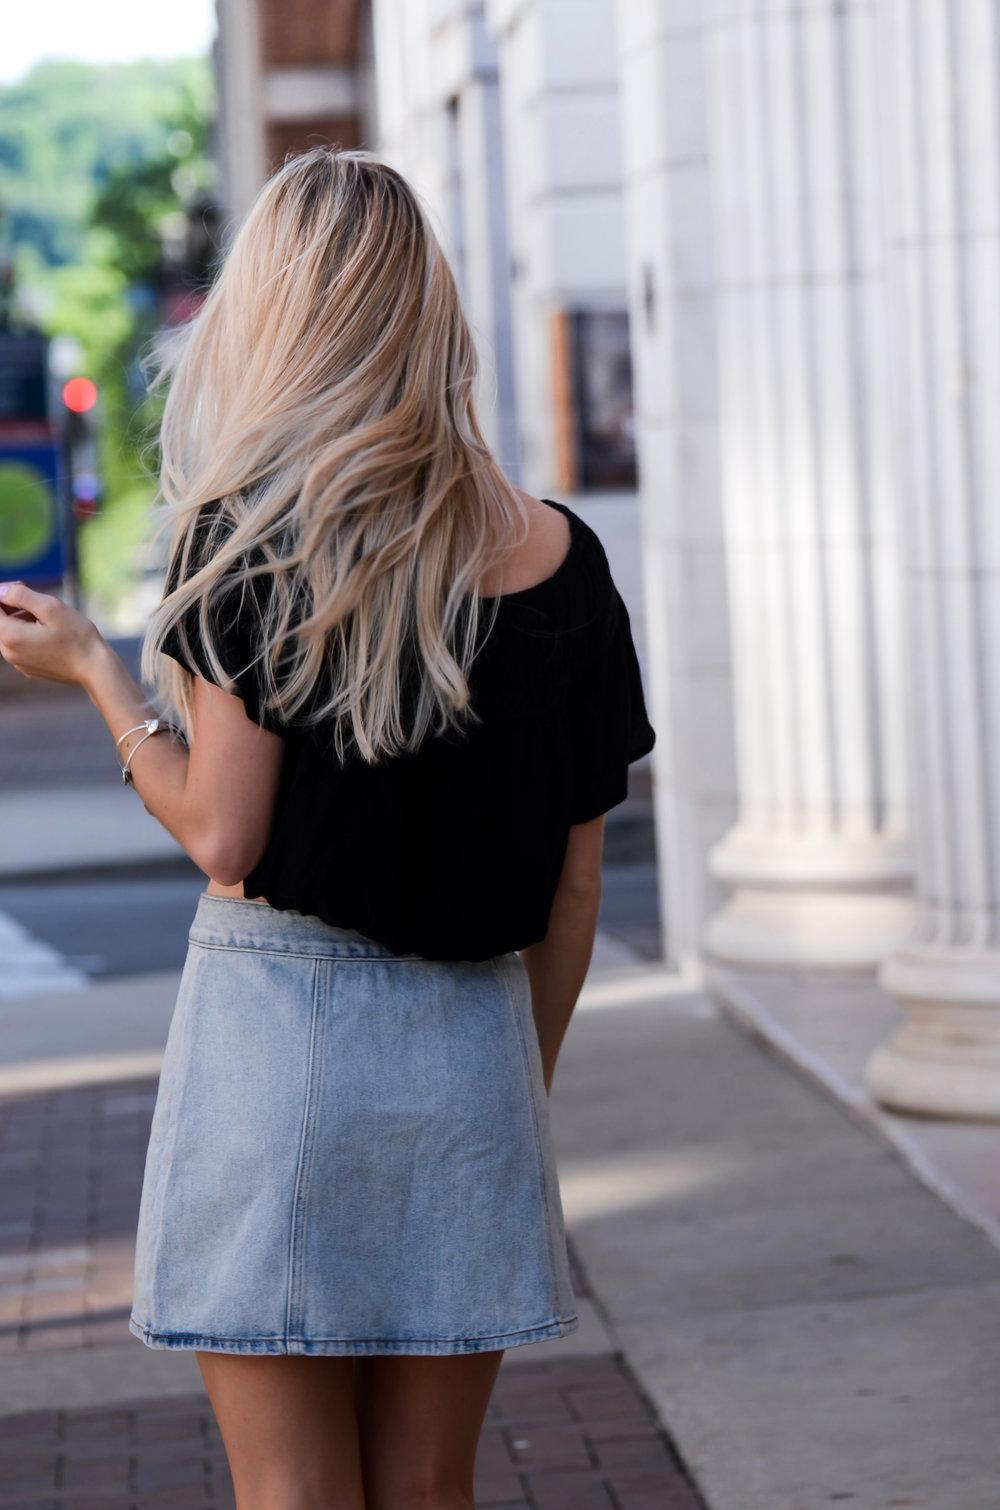 Denim Skirt Black Top-12.jpg